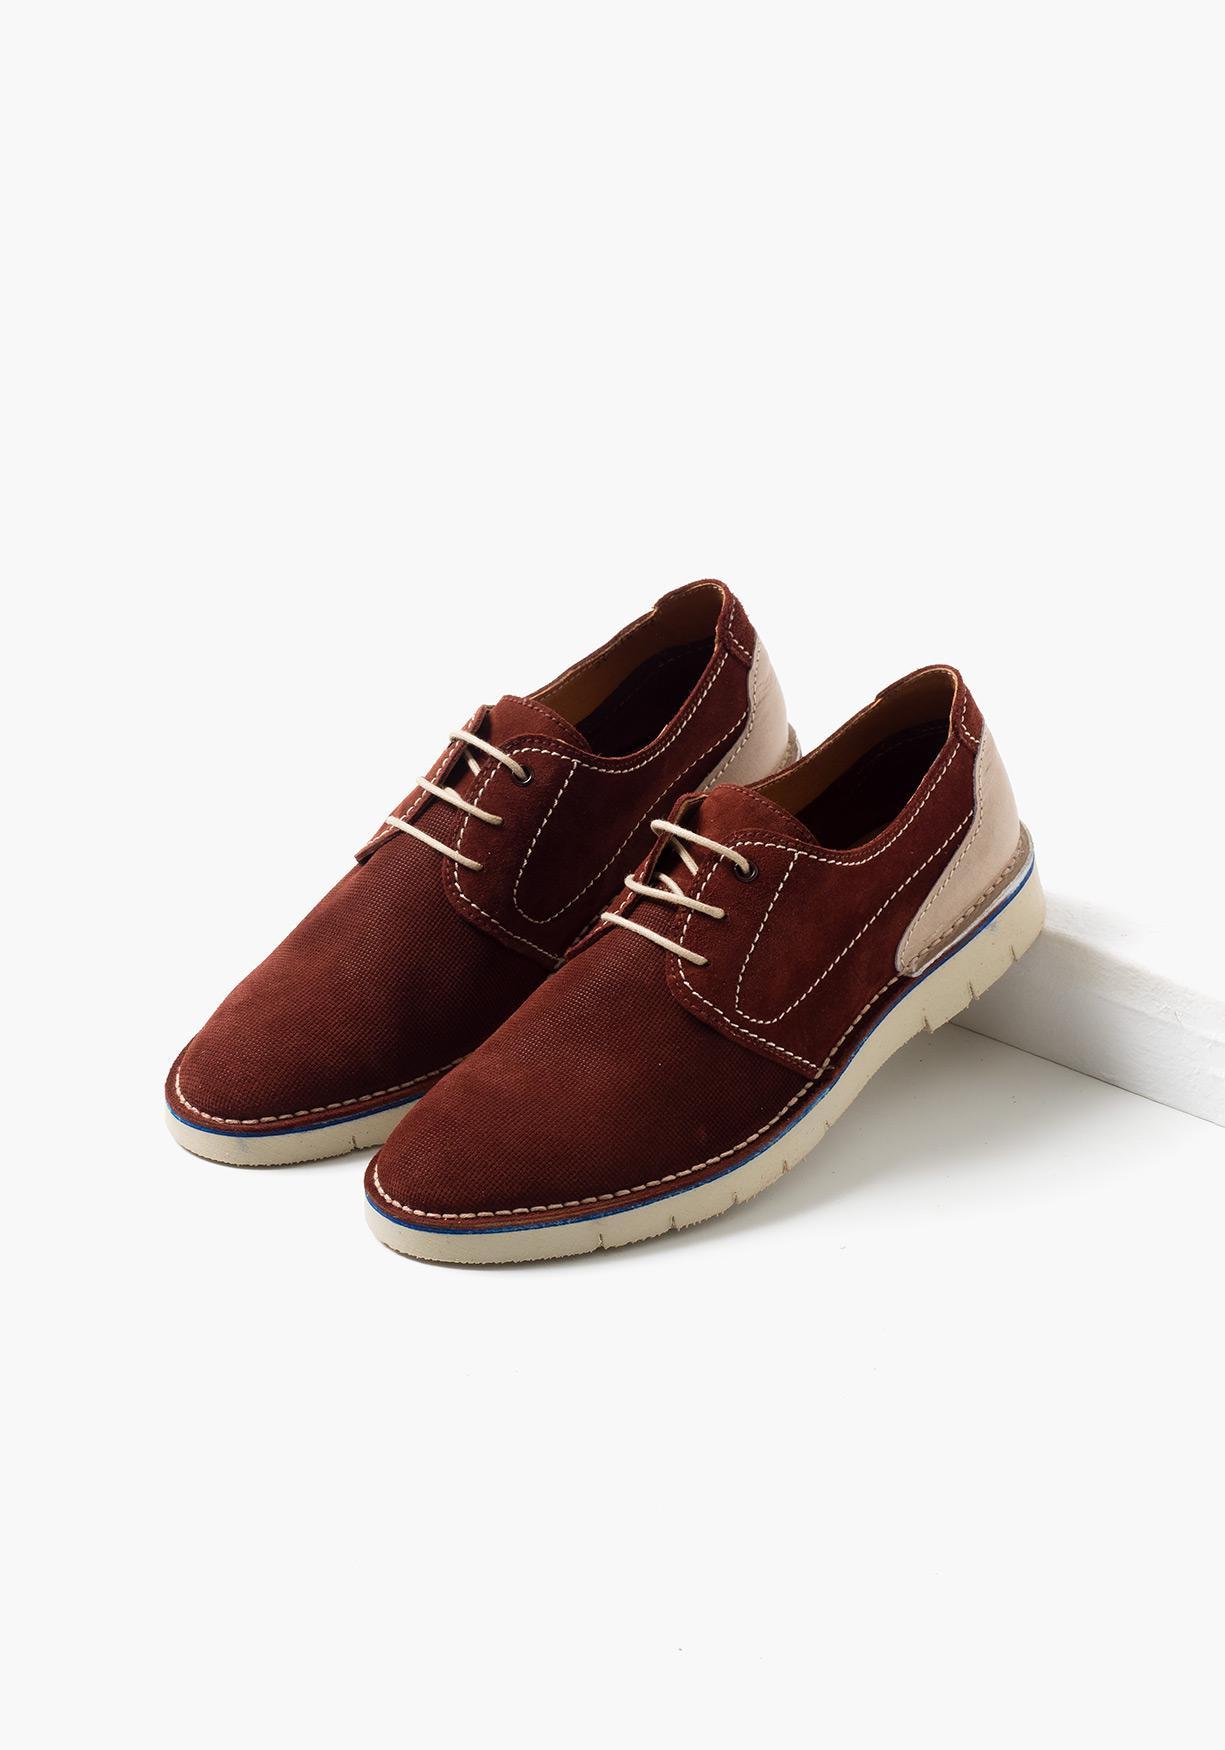 Comprar Zapatos de piel TEX. ¡Aprovéchate de nuestros precios y ... b80cdd88745a